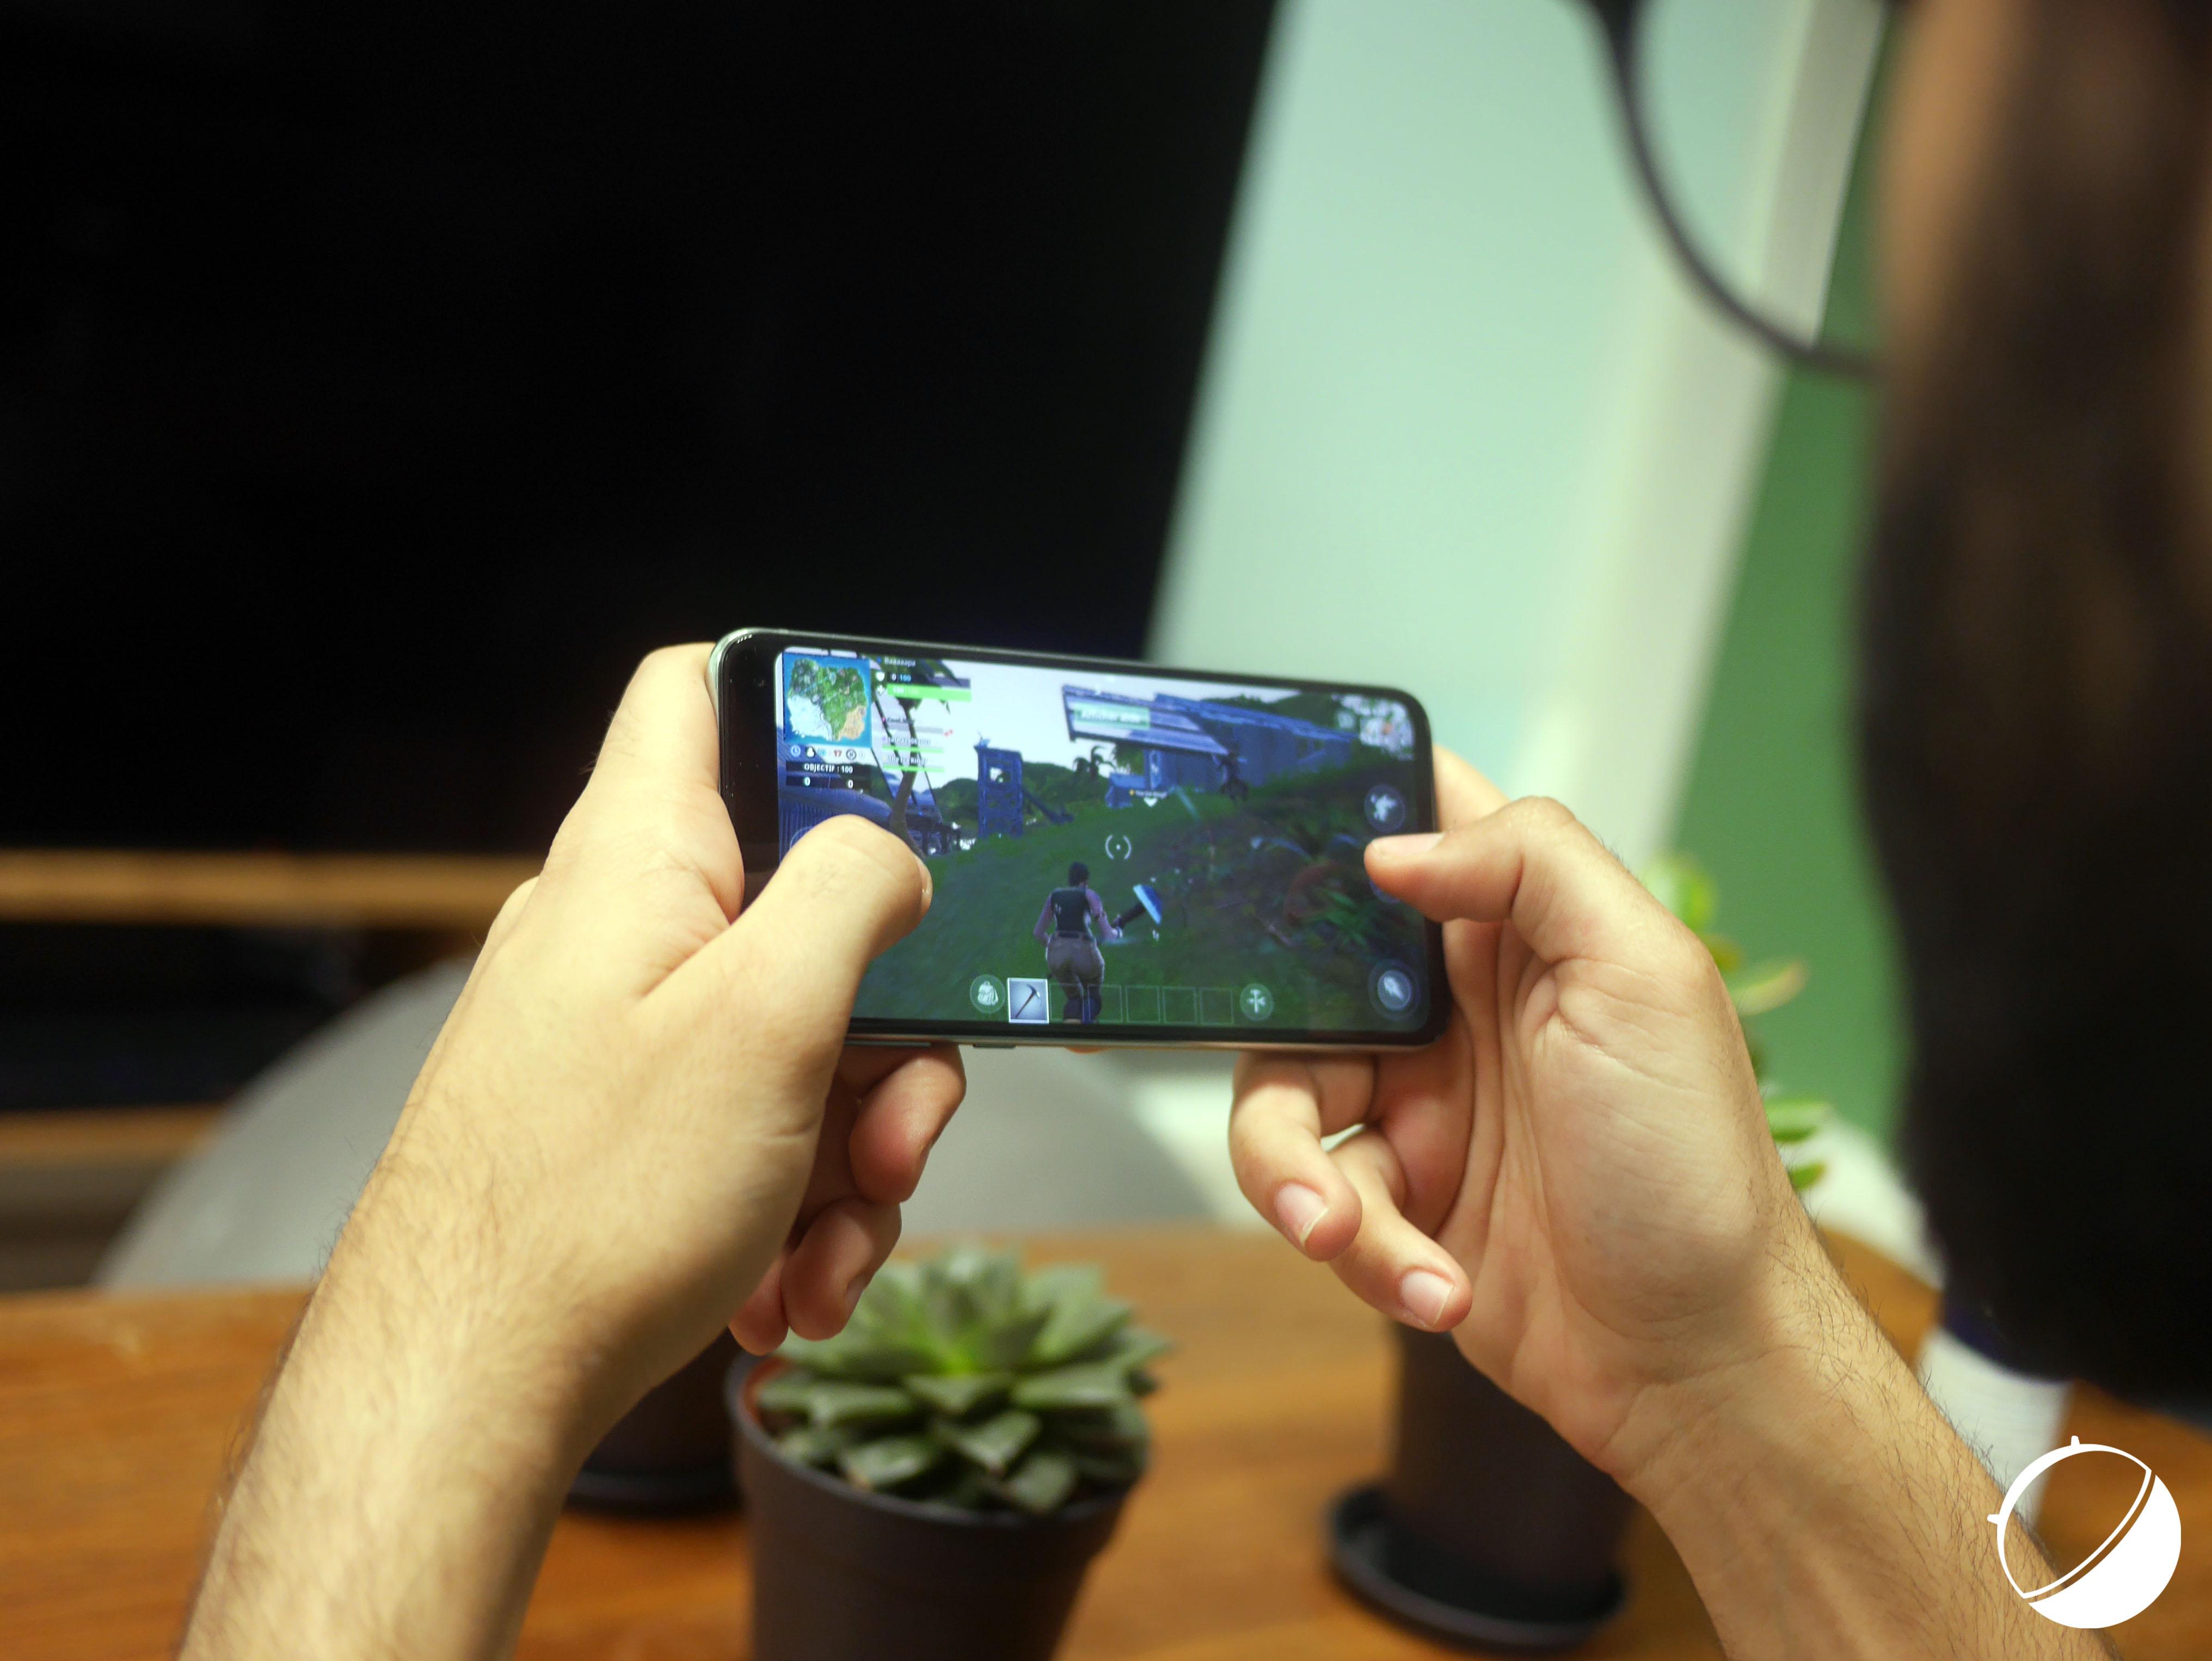 Seriez-vous prêts à utiliser Epic Games à la place du Play Store ? – sondage de la semaine